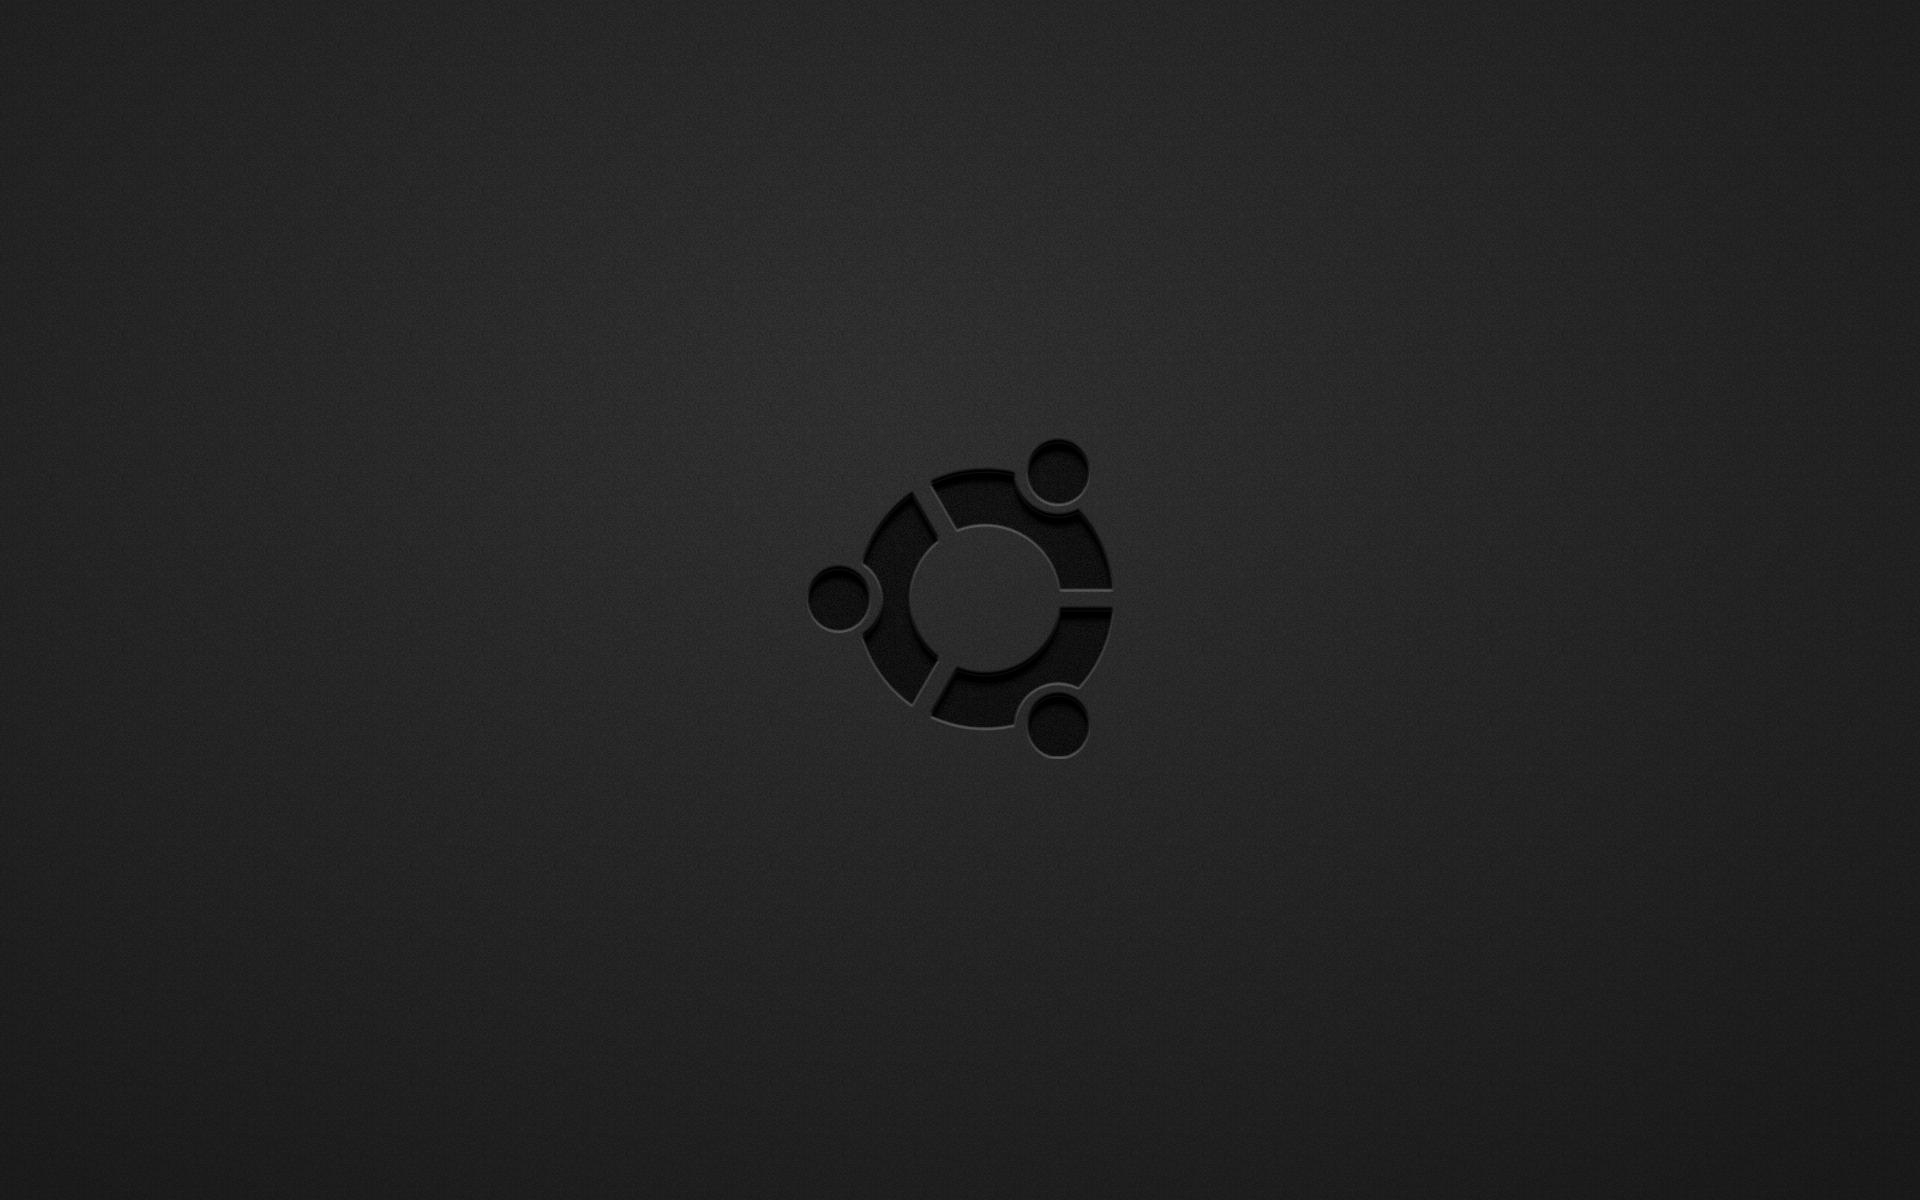 Ubuntu Dark Wallpapers Wallpaper Cave